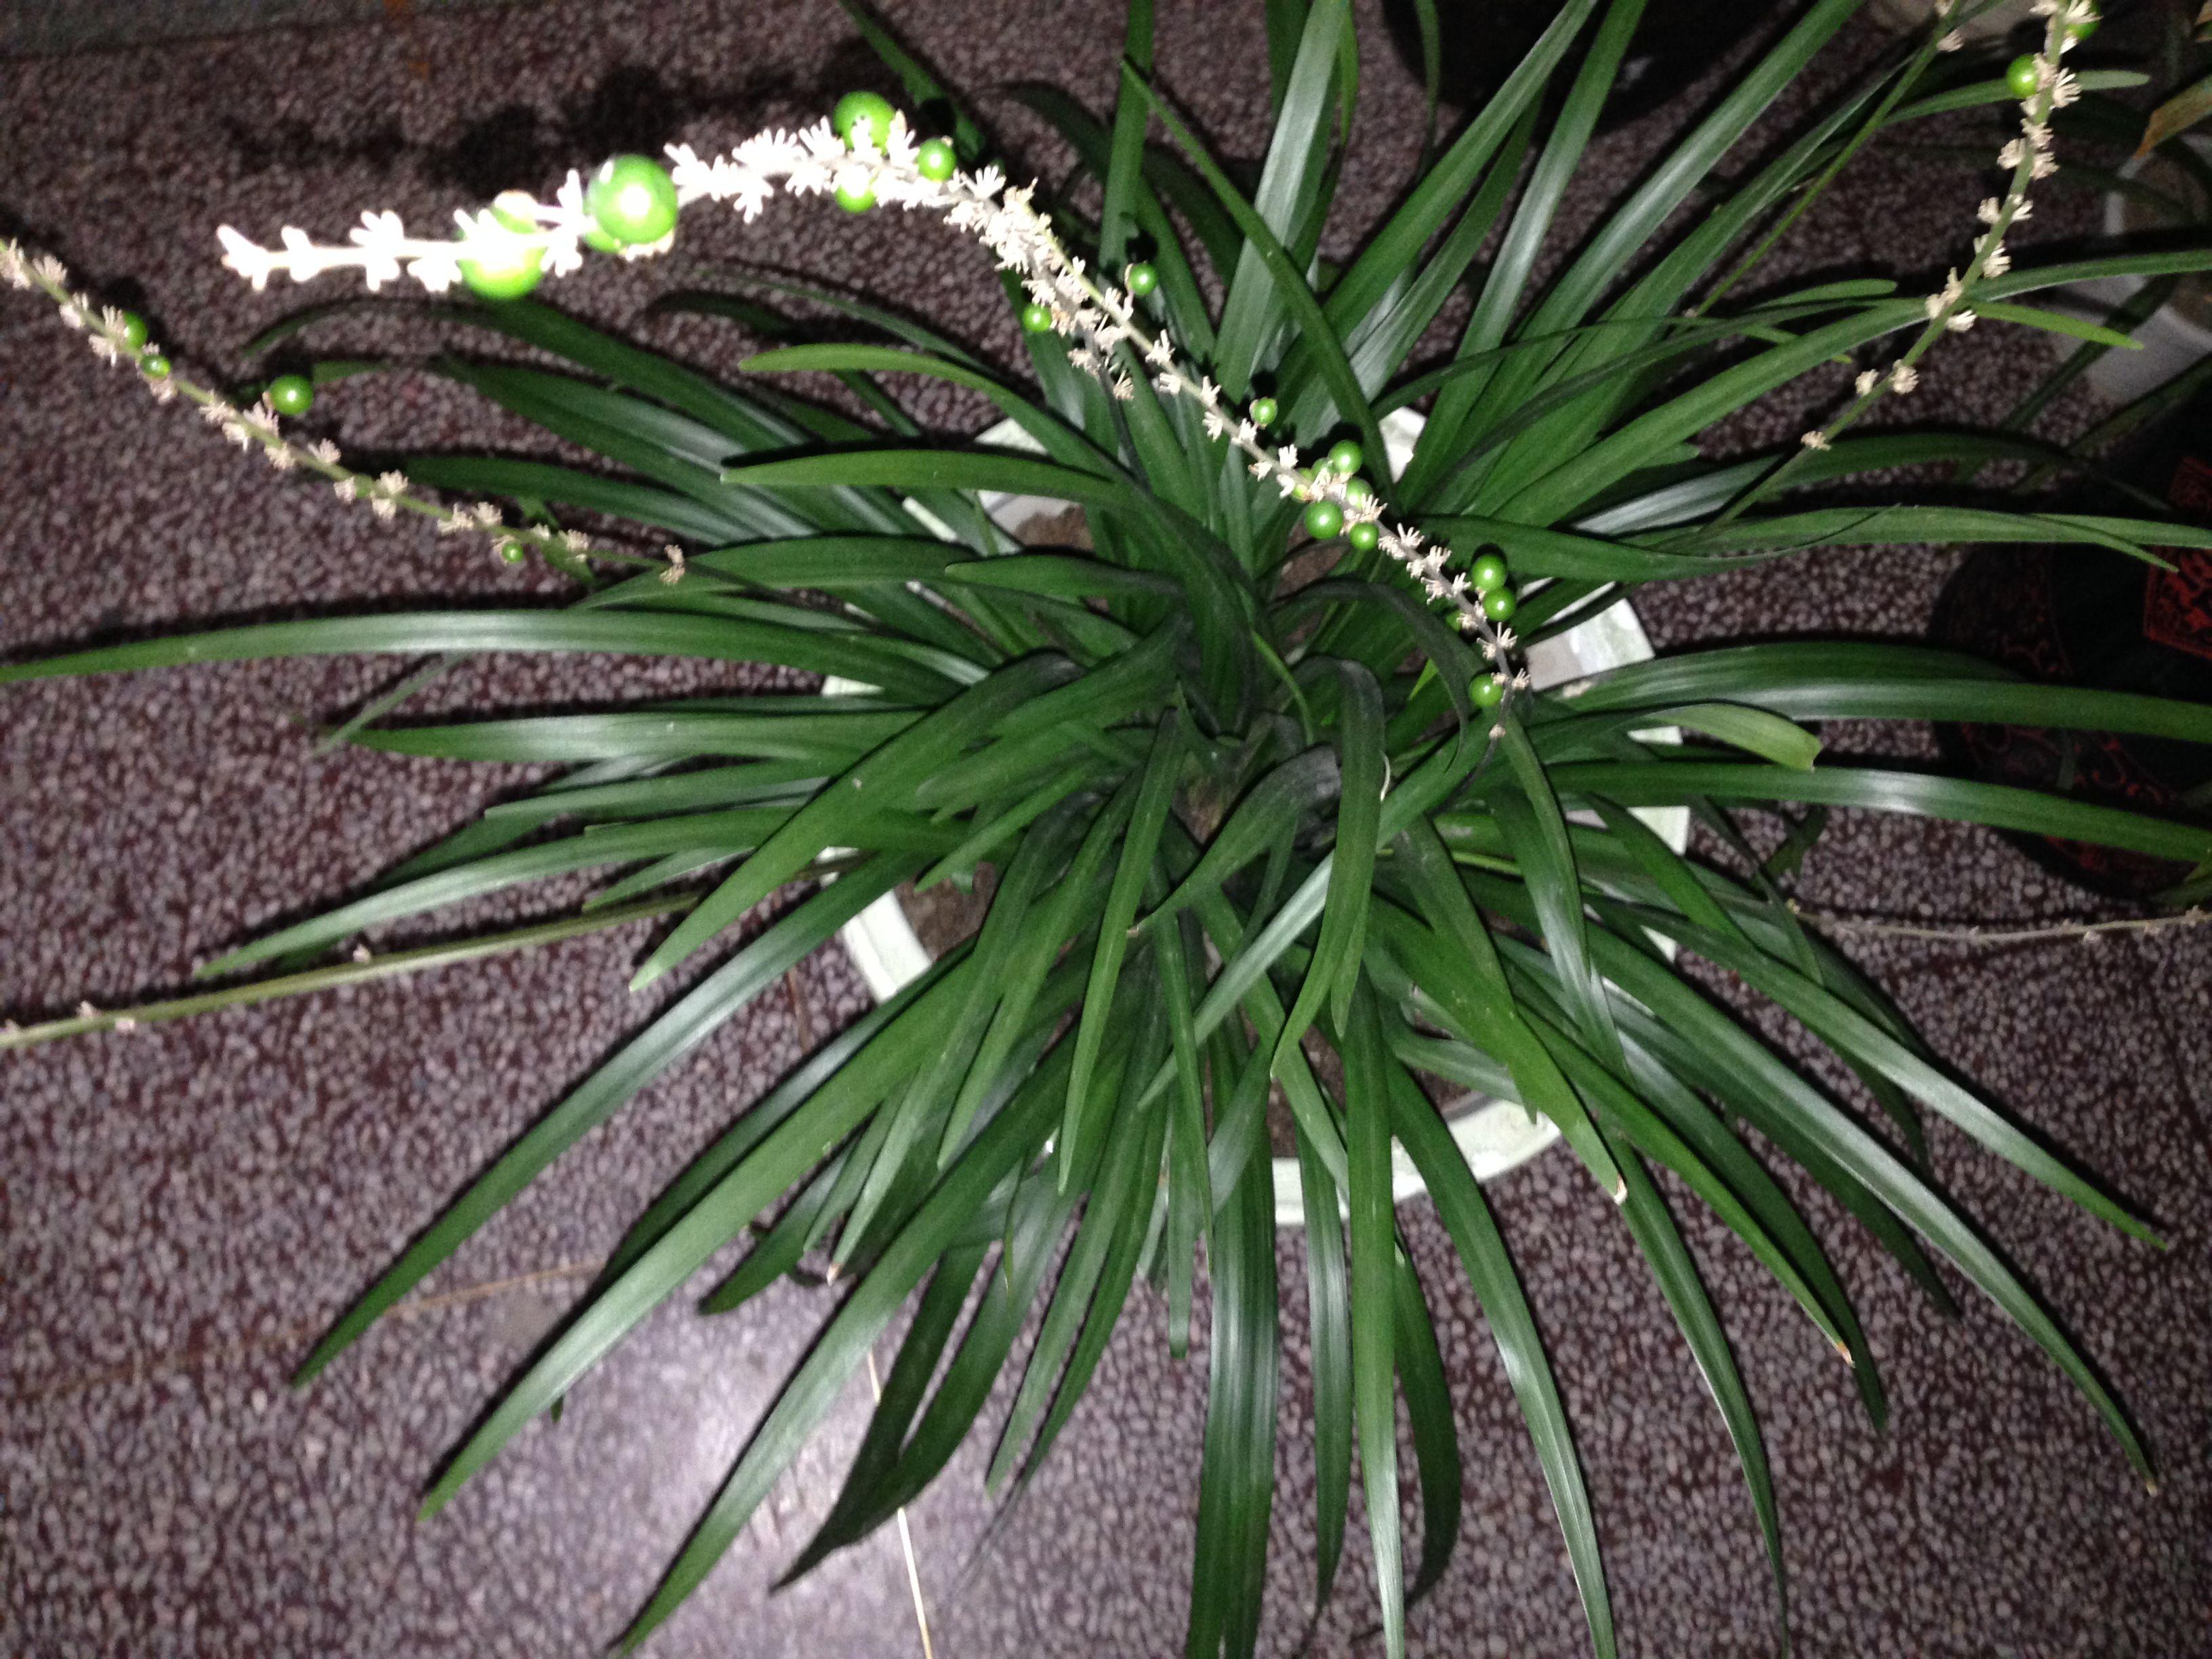 这两种植物是什么品种图片